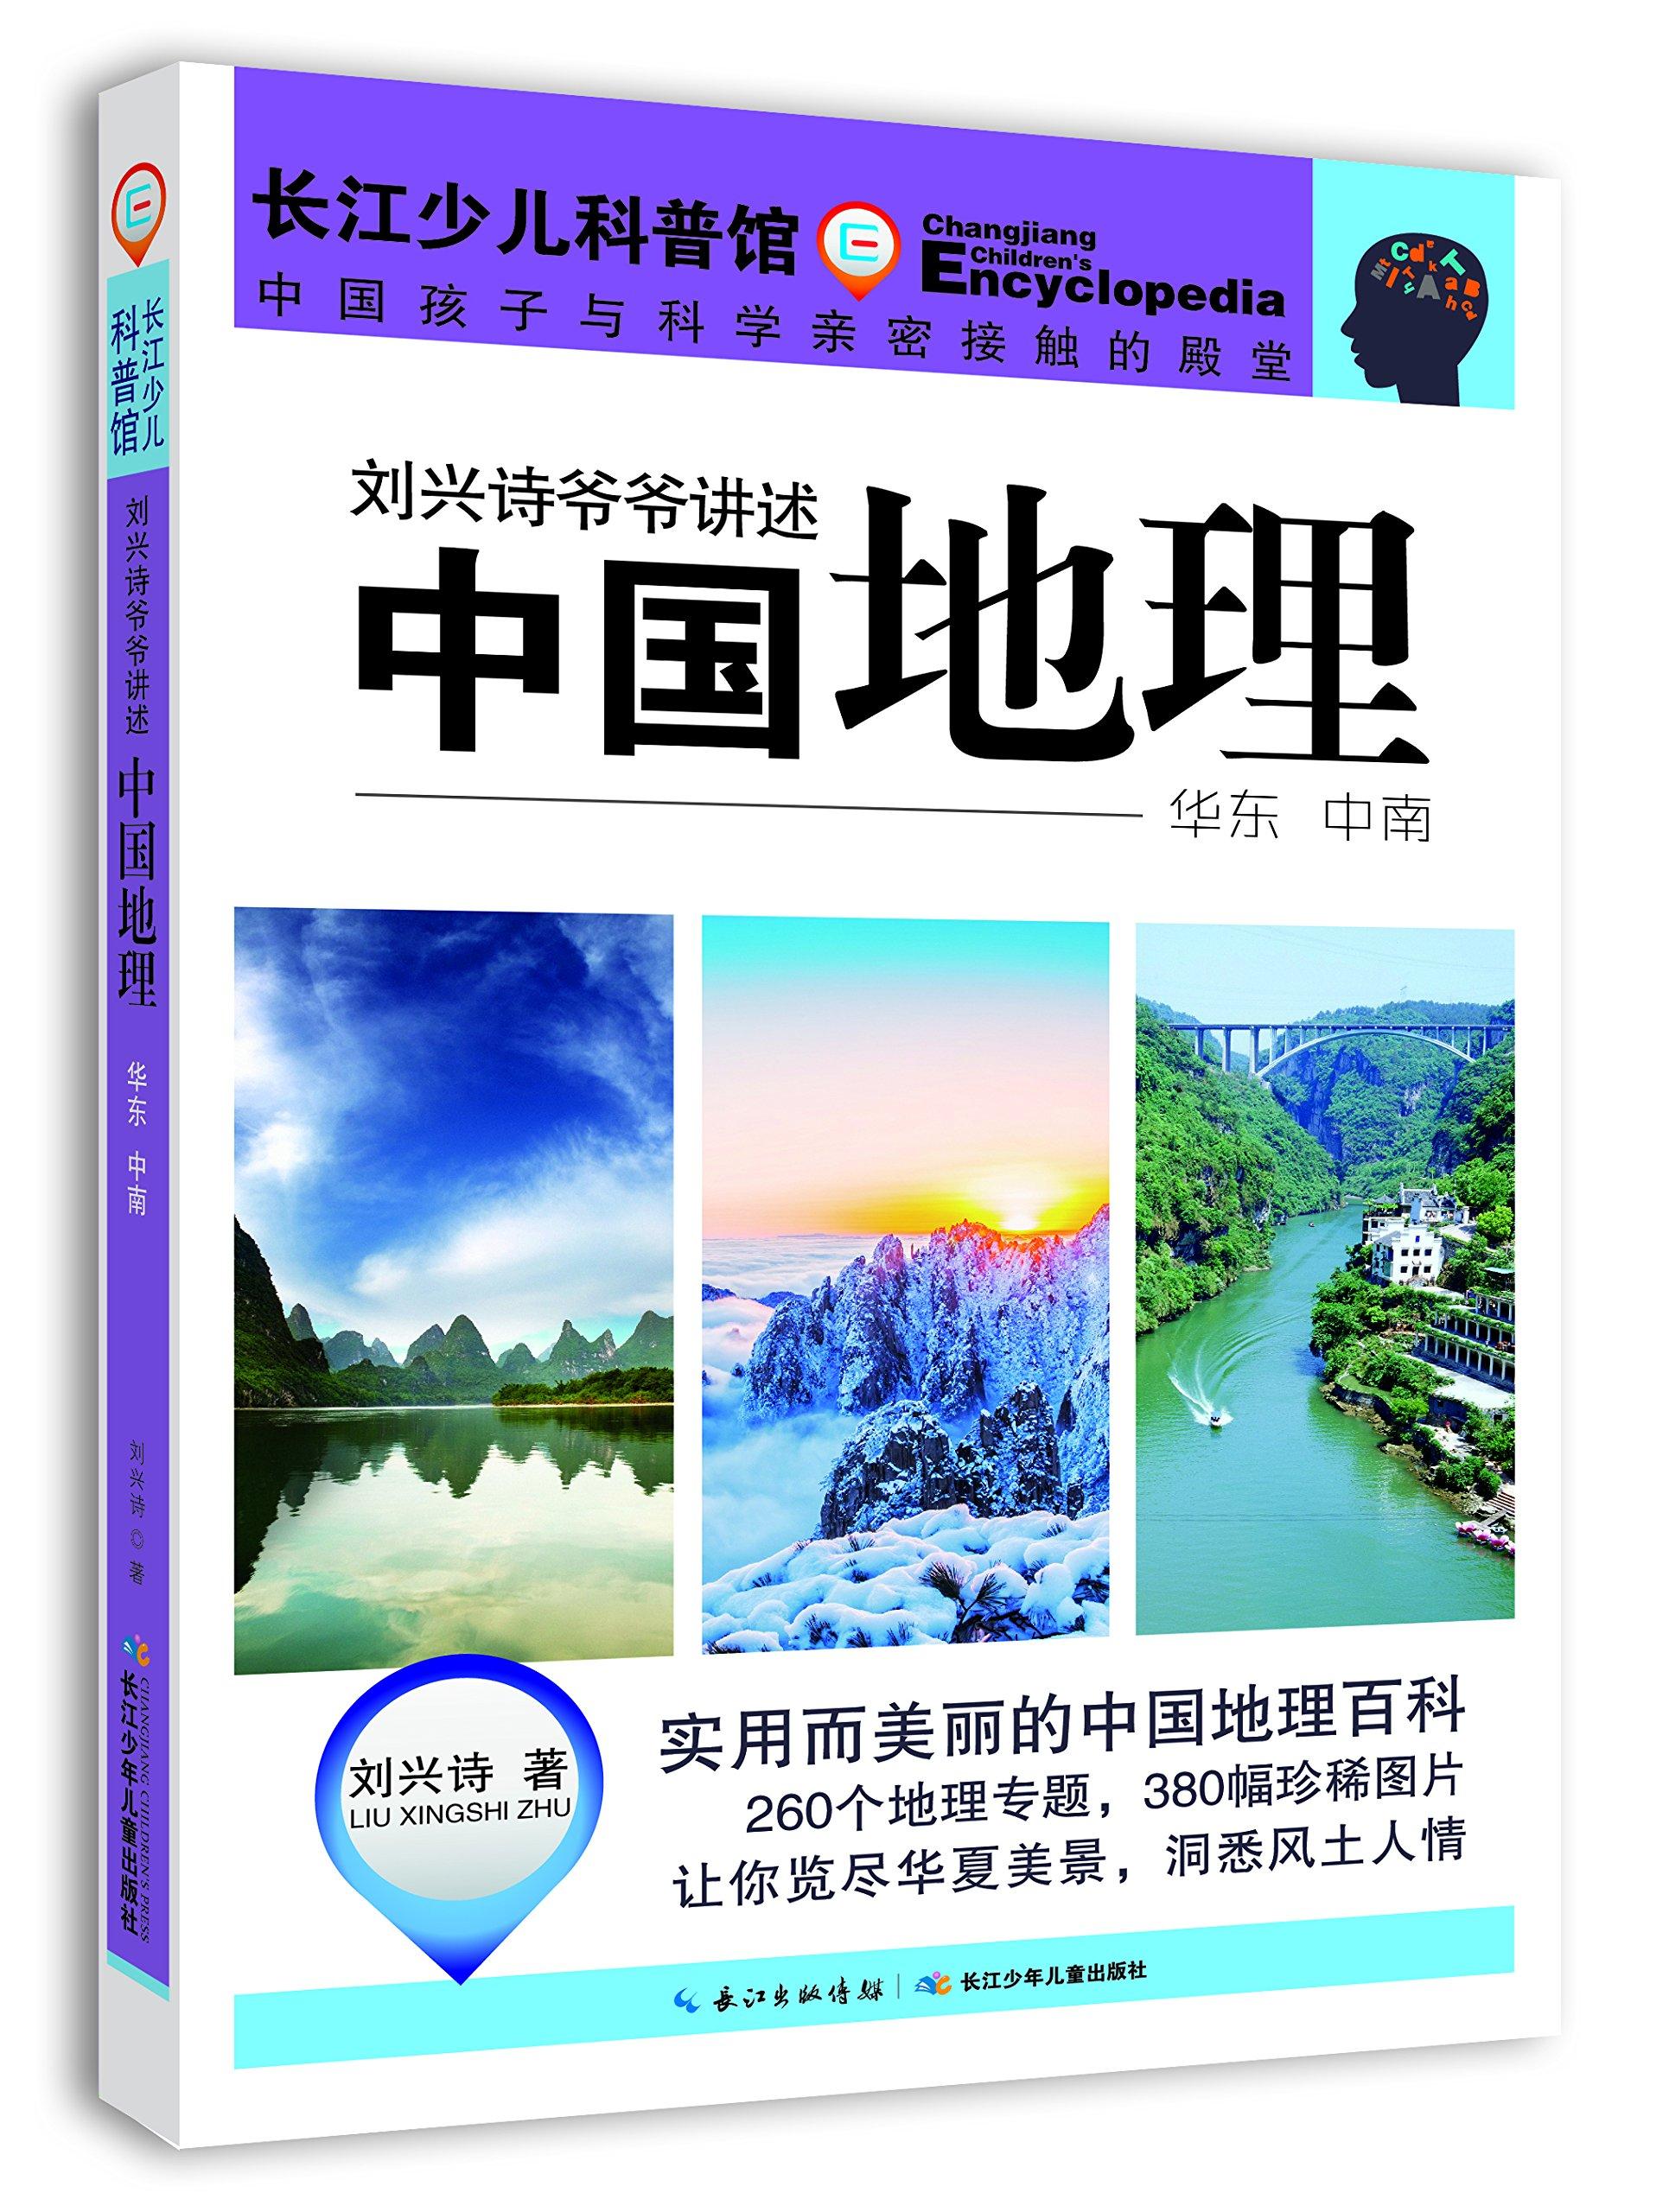 หนังสือชุดภูมิศาสตร์จีน (3เล่ม/ชุด)